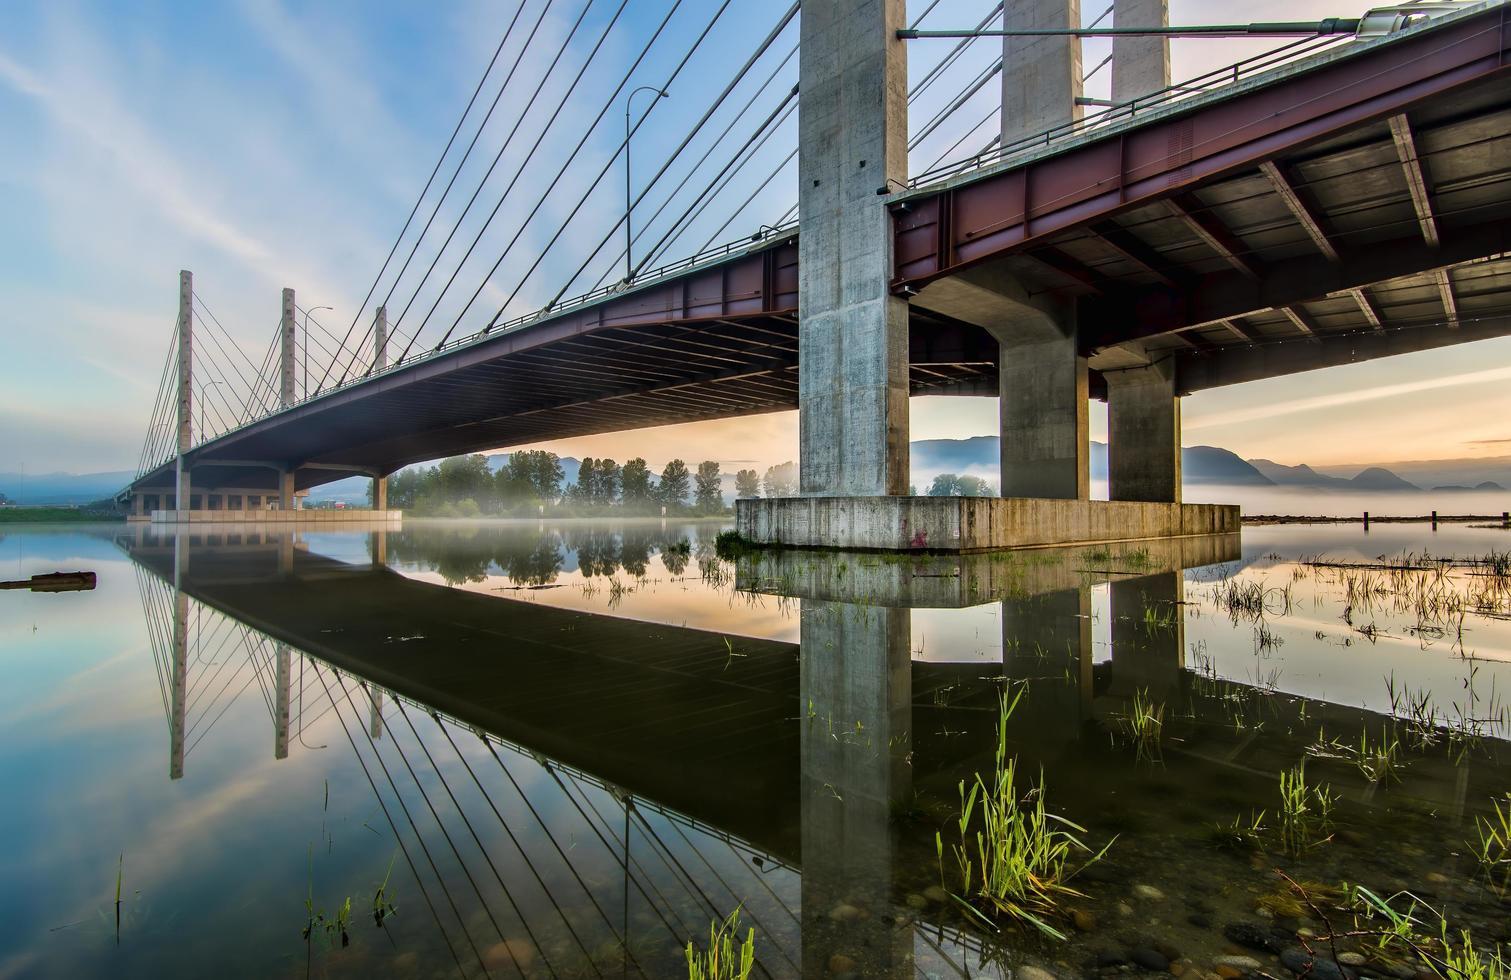 Pitt River Bridge al crepuscolo foto